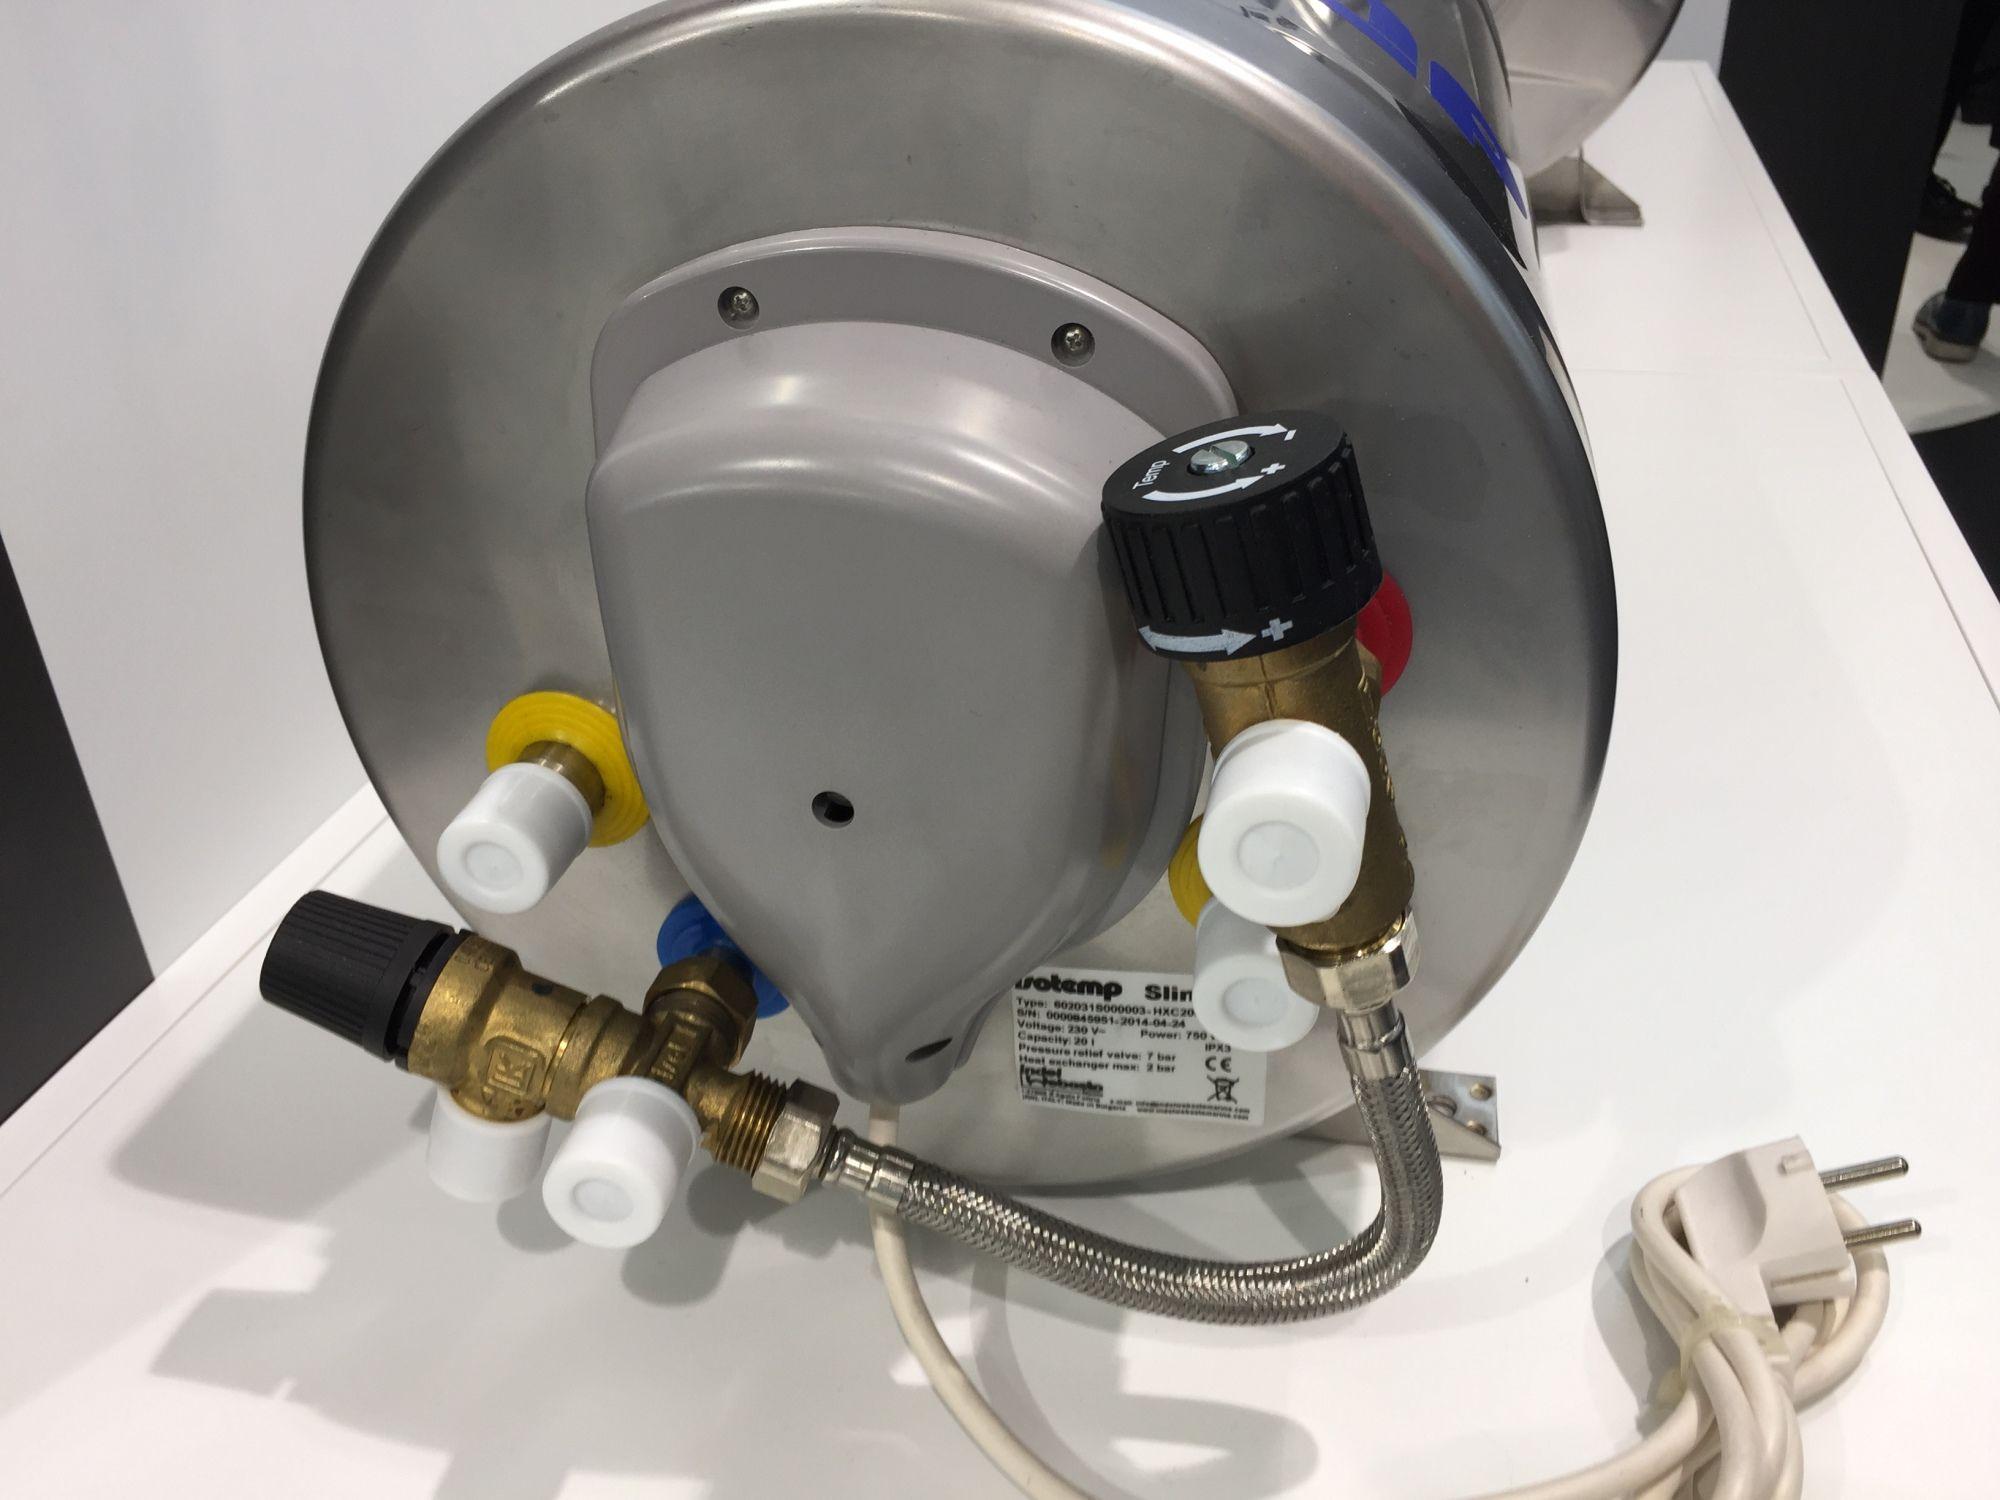 Ausgezeichnet Hersteller Von Warmwasserboilern Bilder - Der ...